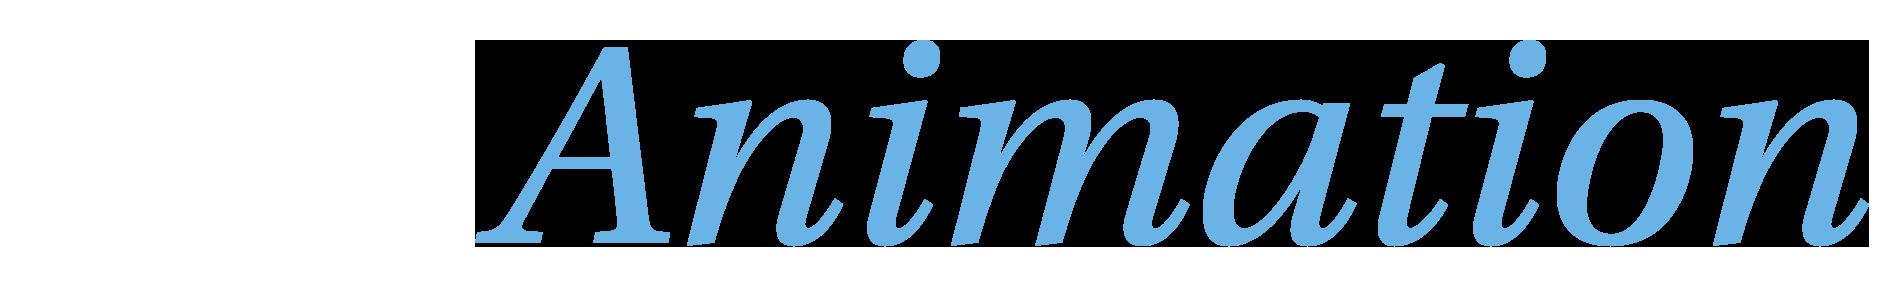 MU Animation